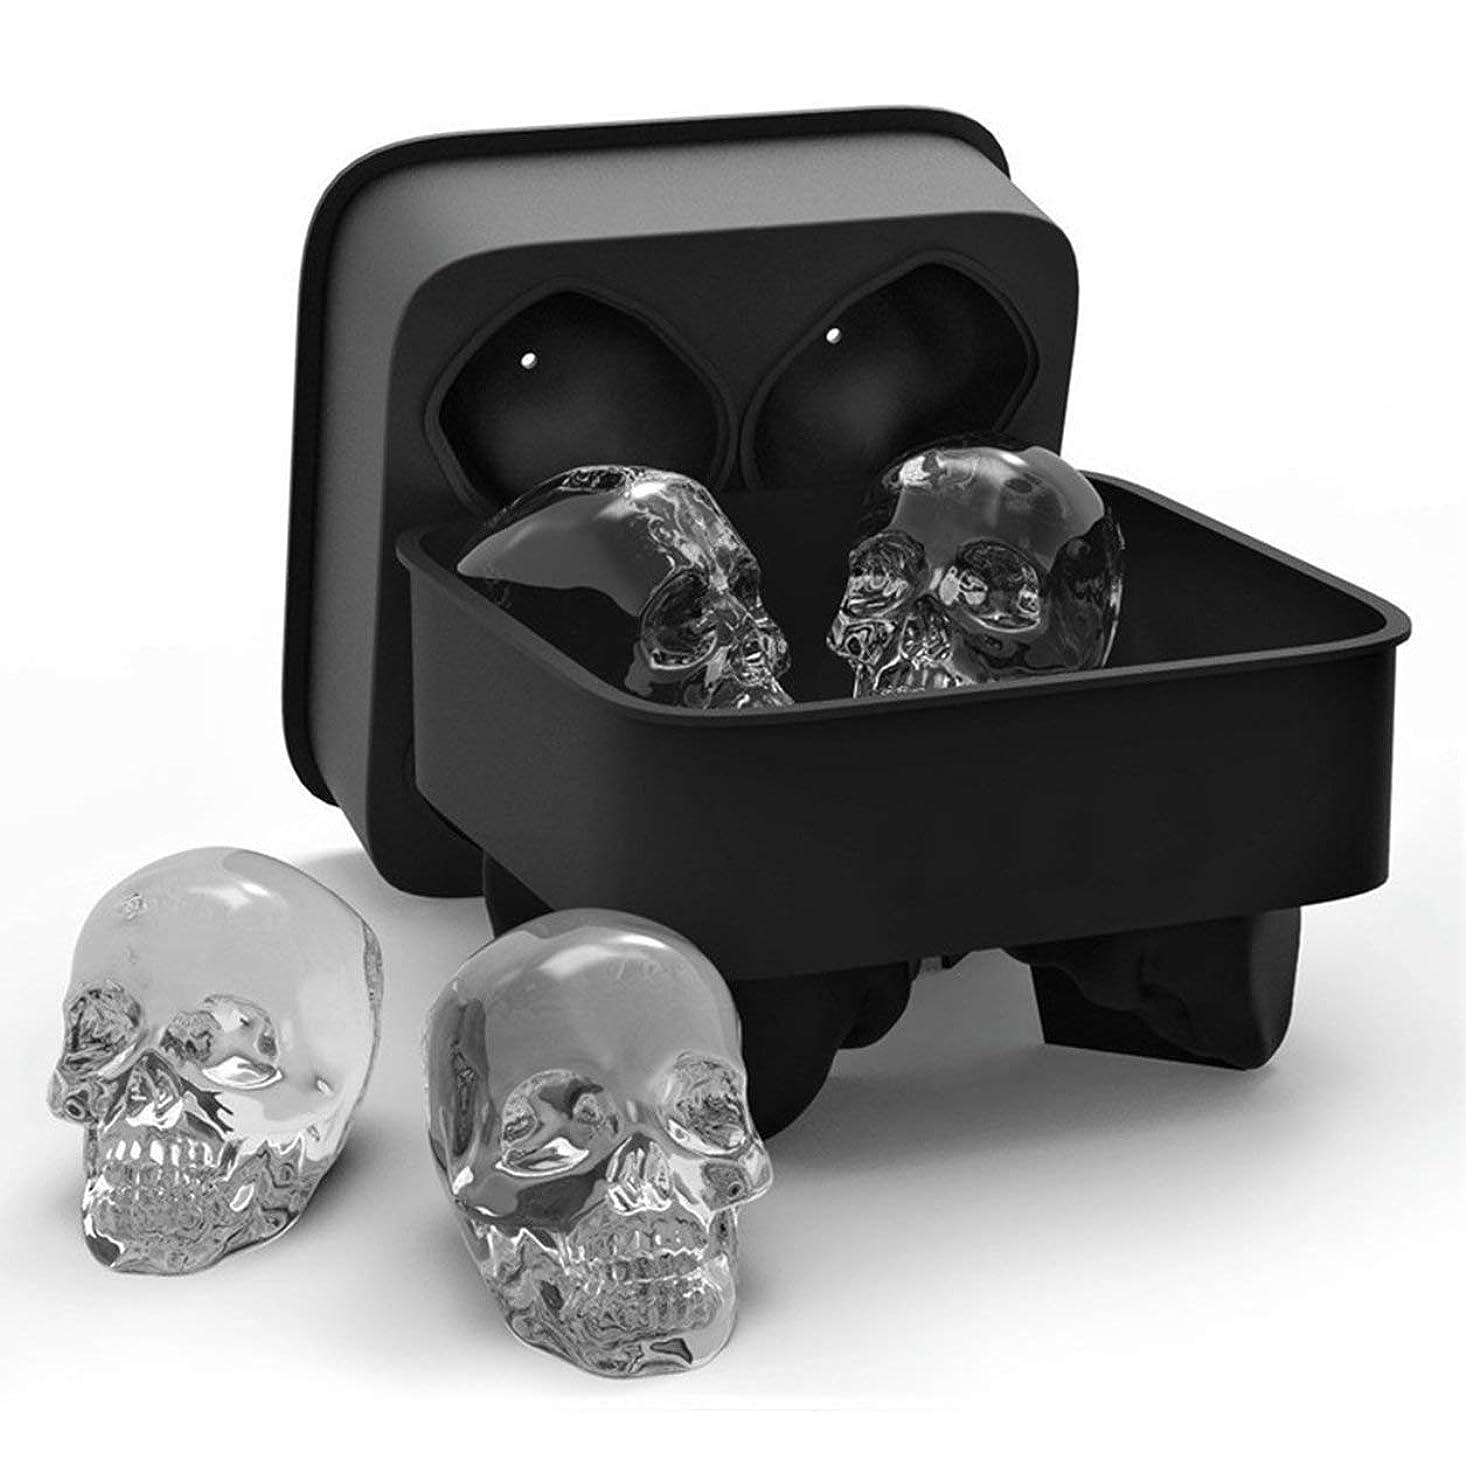 小売クラック入植者Saikogoods バーのホームのためのクリエイティブスカルアイスキューブトレイ 3Dクール形状 シリコーン型 四巨人 アイススカル 簡単にリリース 黒